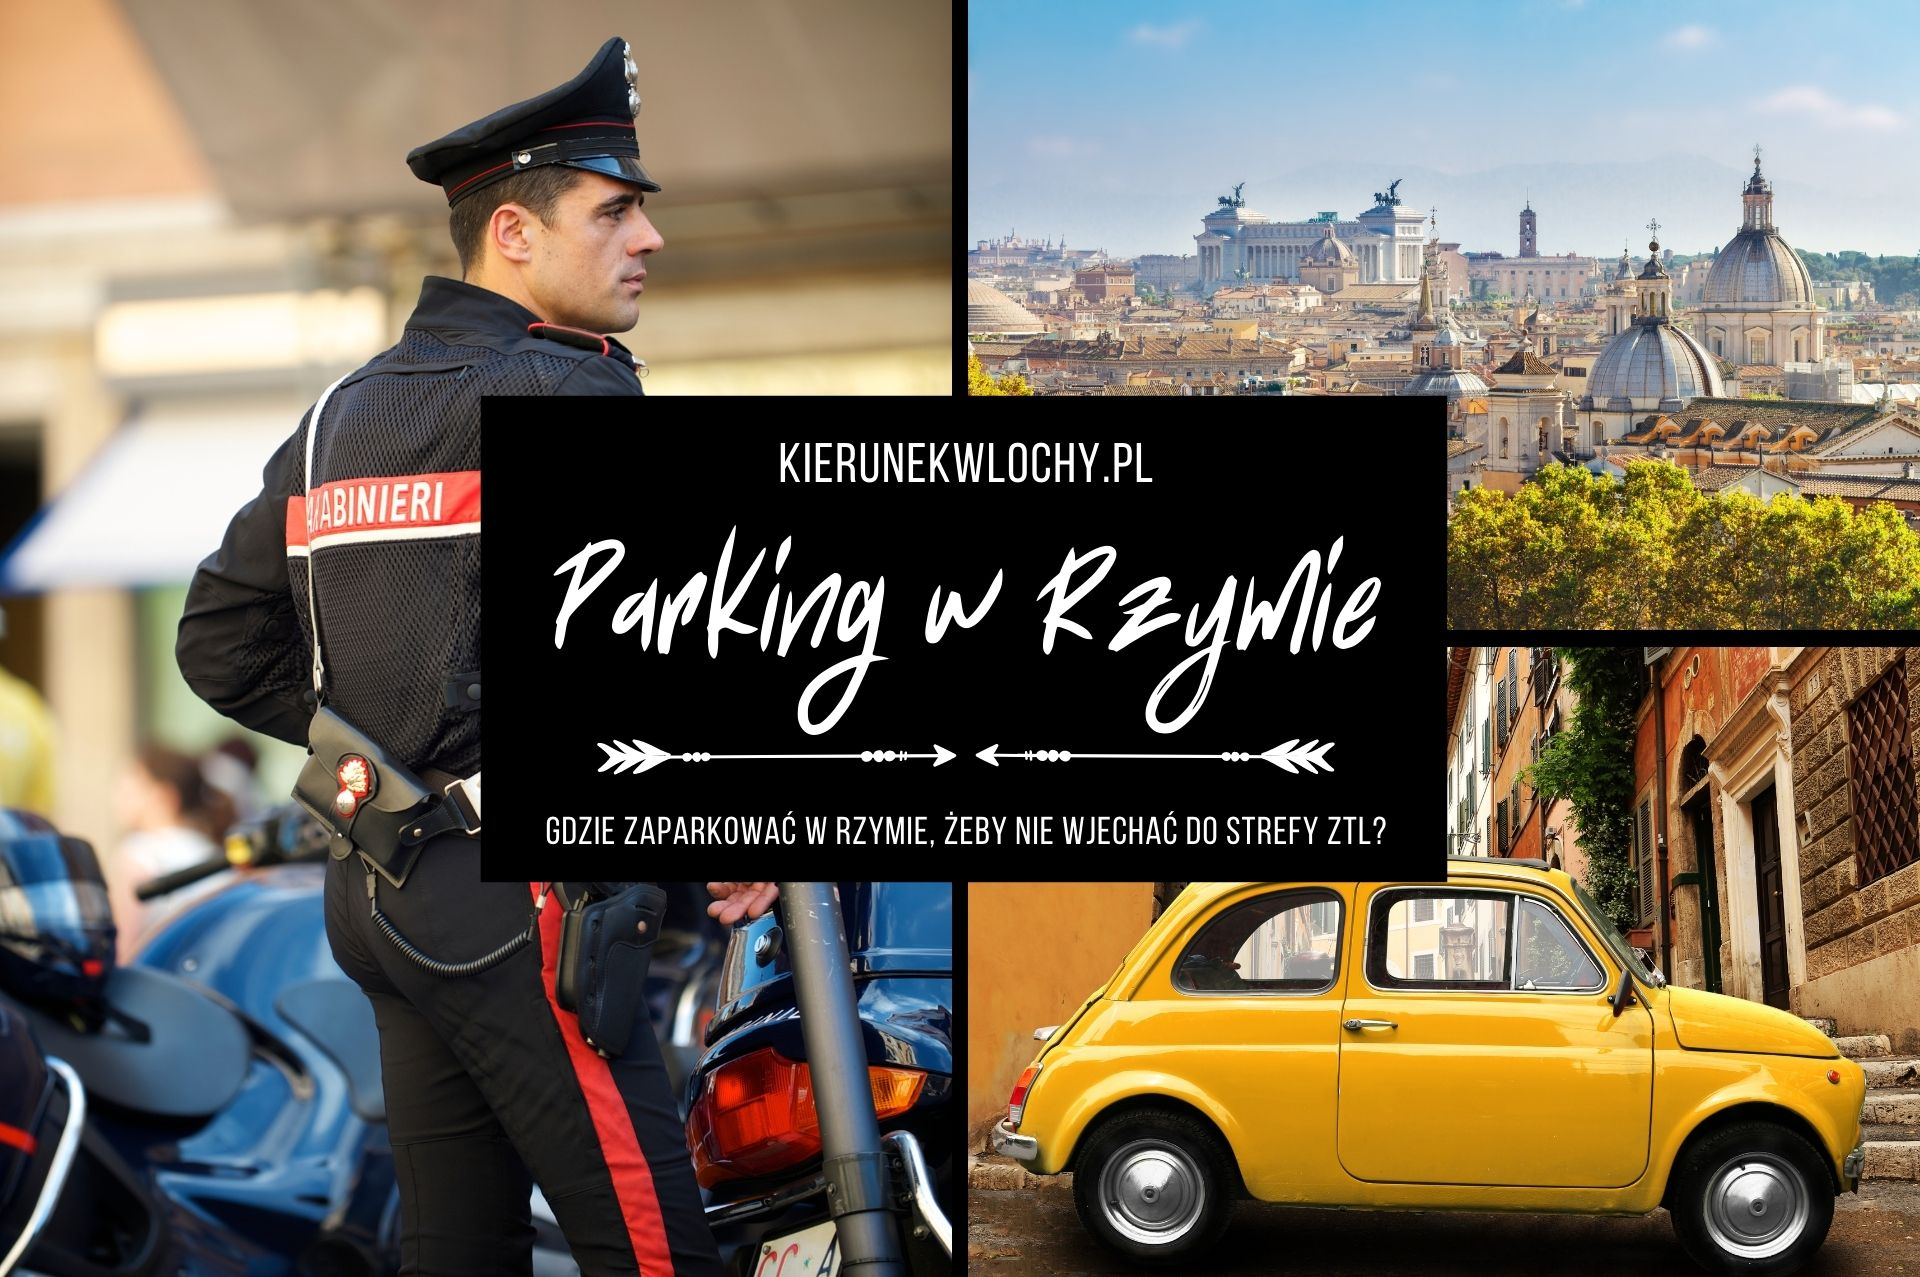 Parking w Rzymie - gdzie zaparkować w Rzymie? Strefy ZTL i lista parkingów